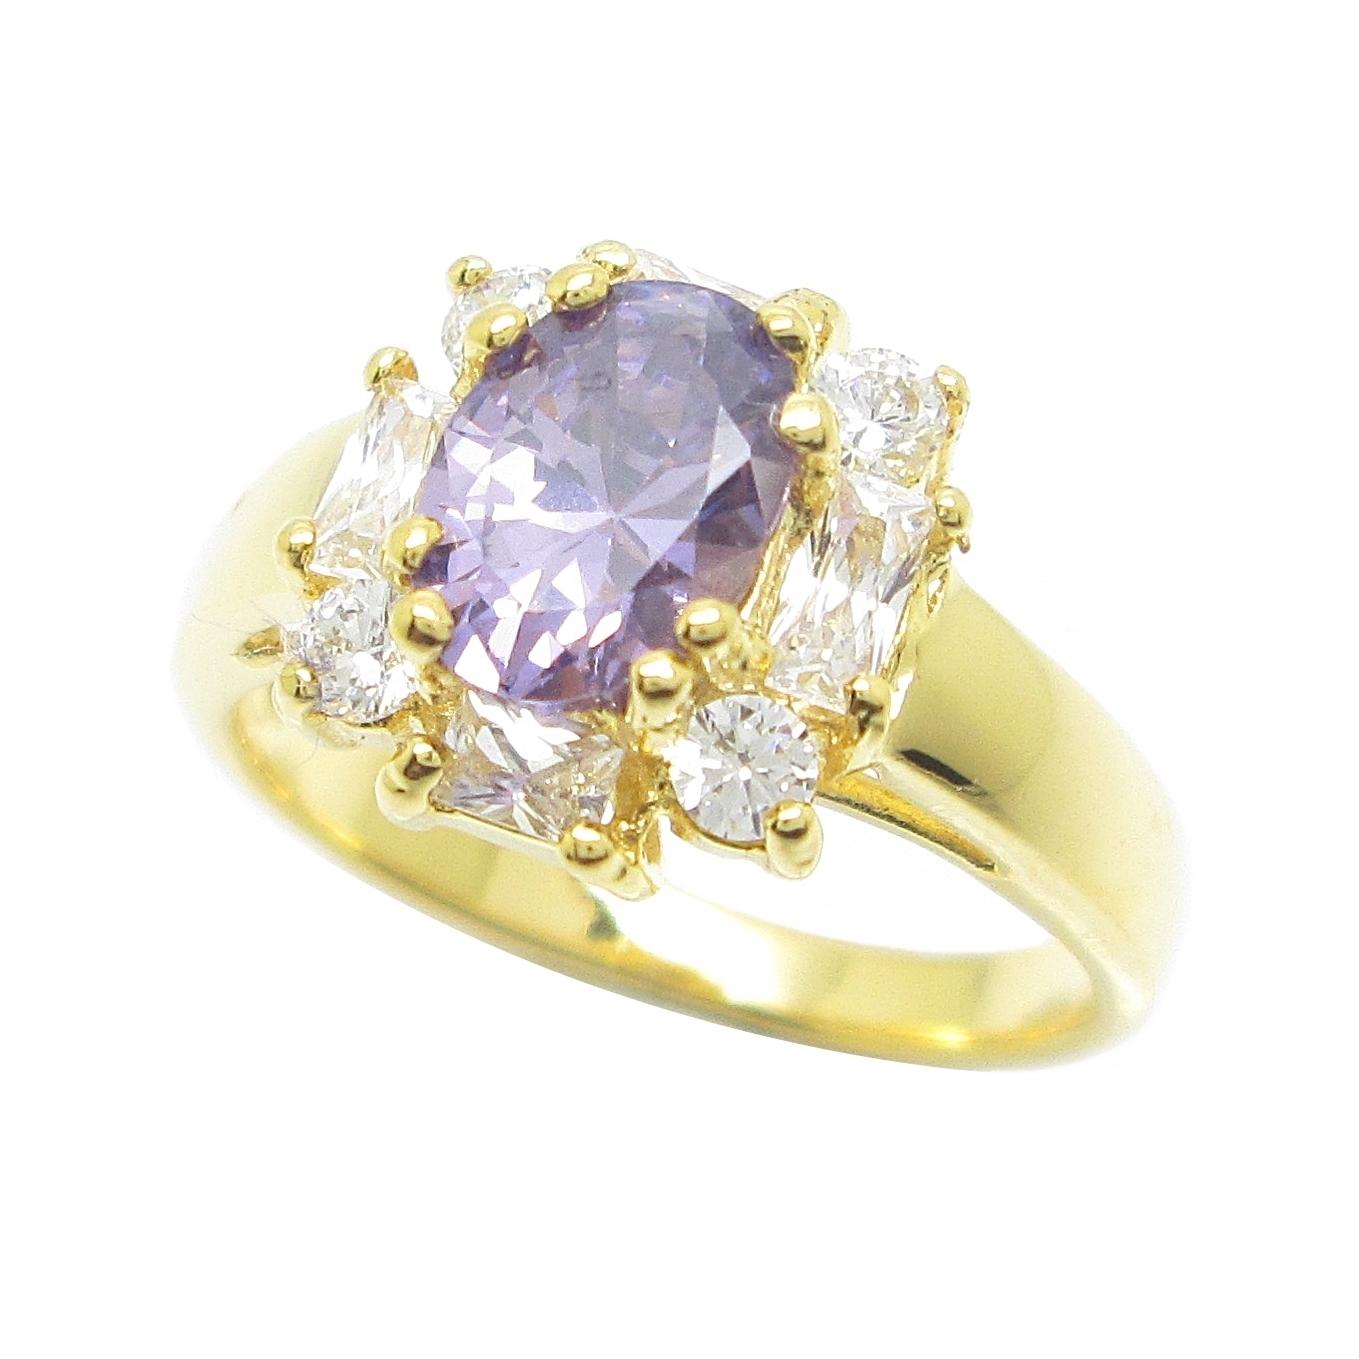 แหวนพลอยรูปไข่อเมทิสประดับล้อมเพชรกลมเหลี่ยมชุบทอง